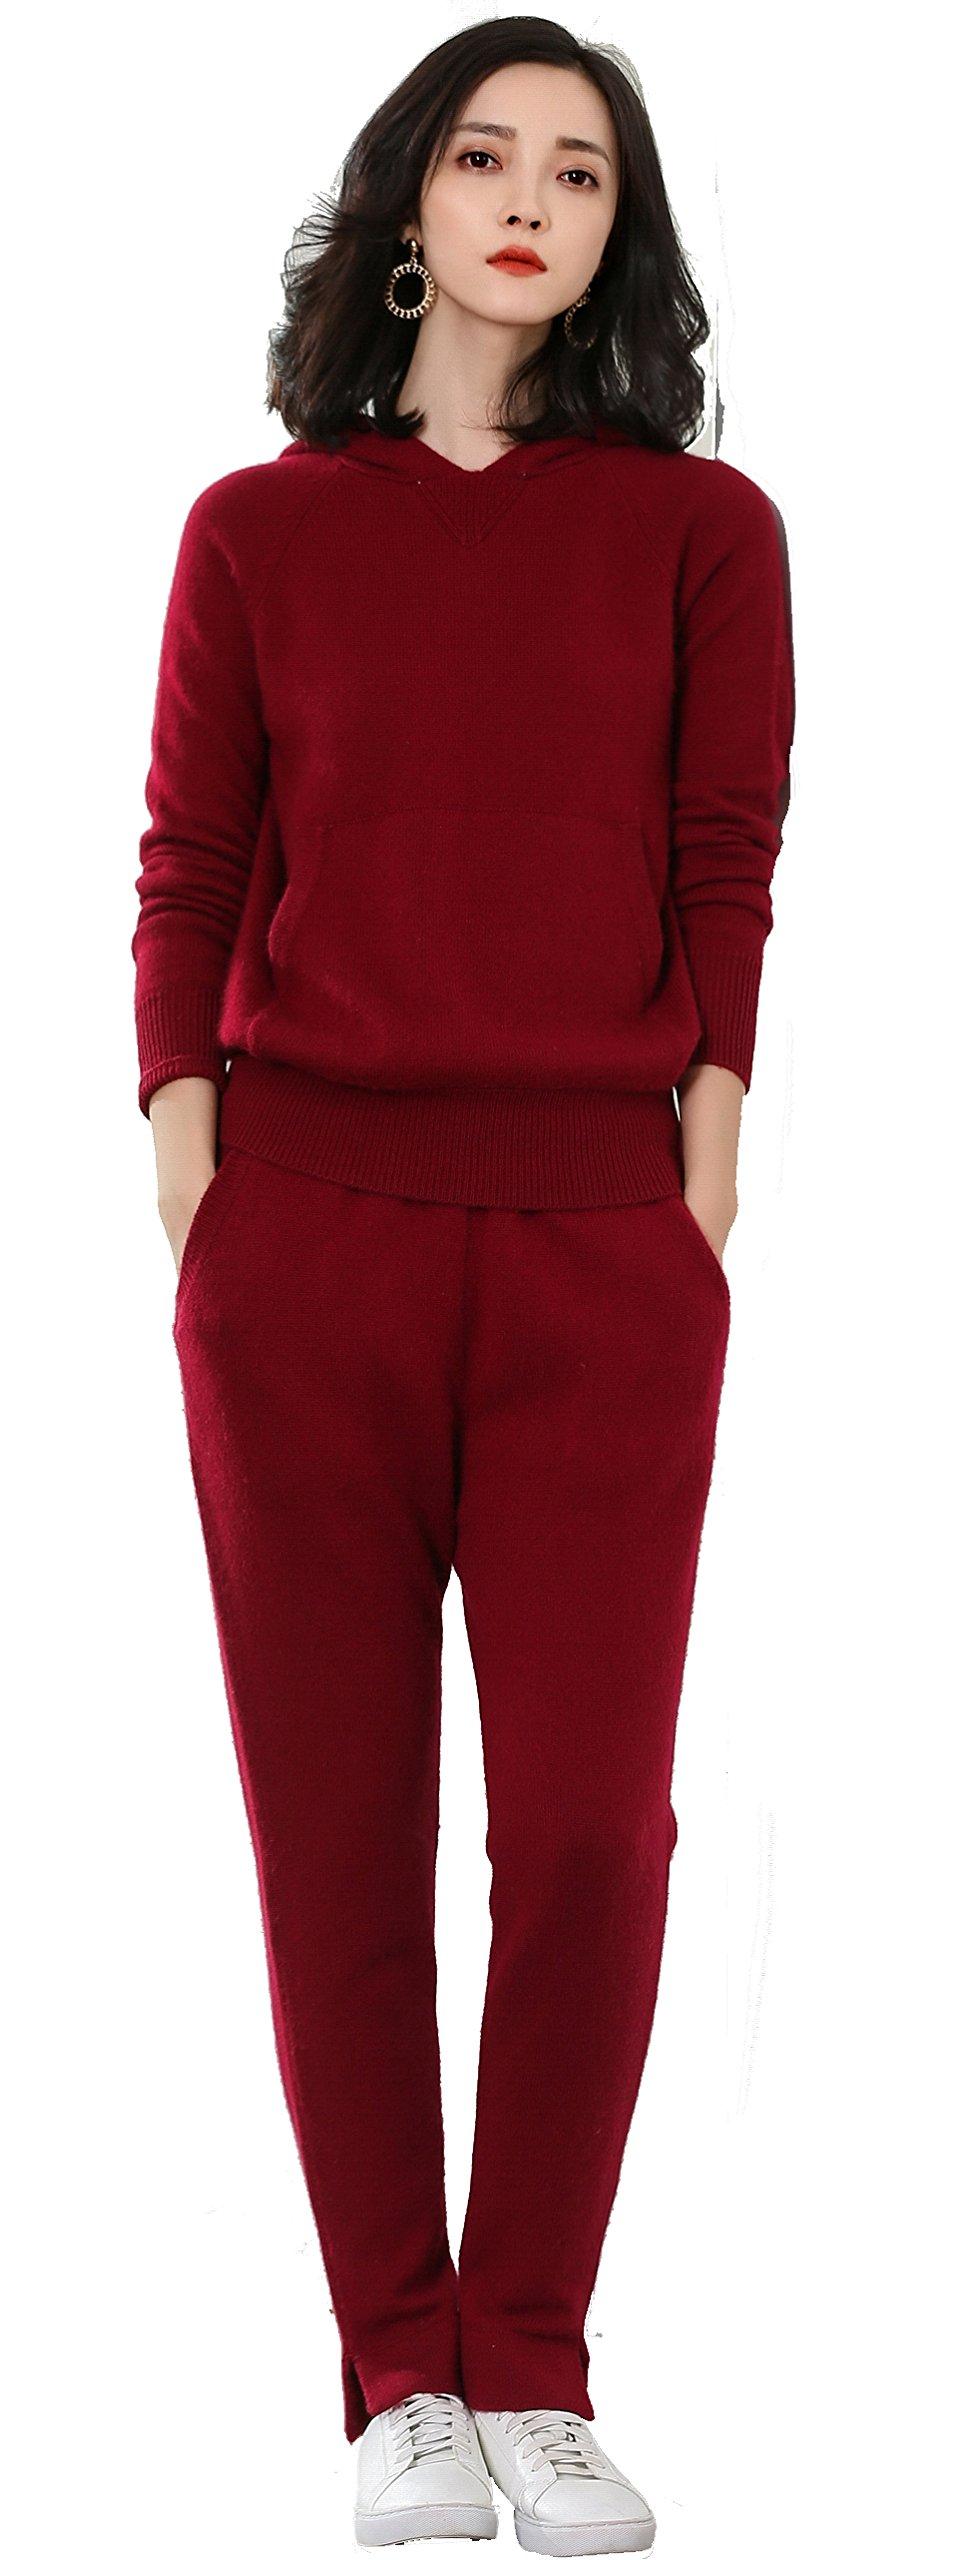 Panreddy Women's Soft Cashme Active 2 Piece Sweater Pants Set